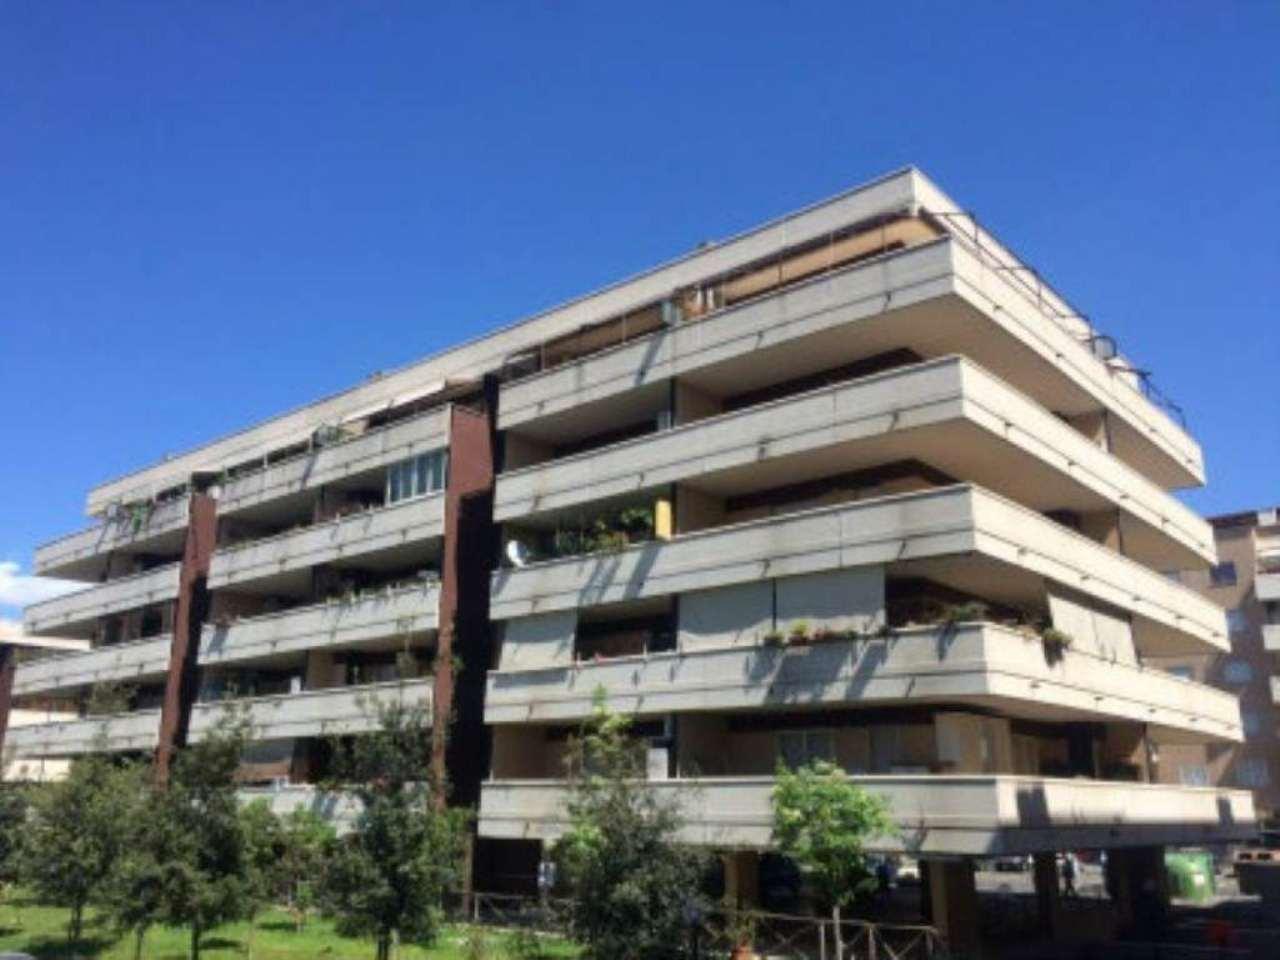 Casilina immobiliare srl a roma casa for Case in vendita ponte di nona